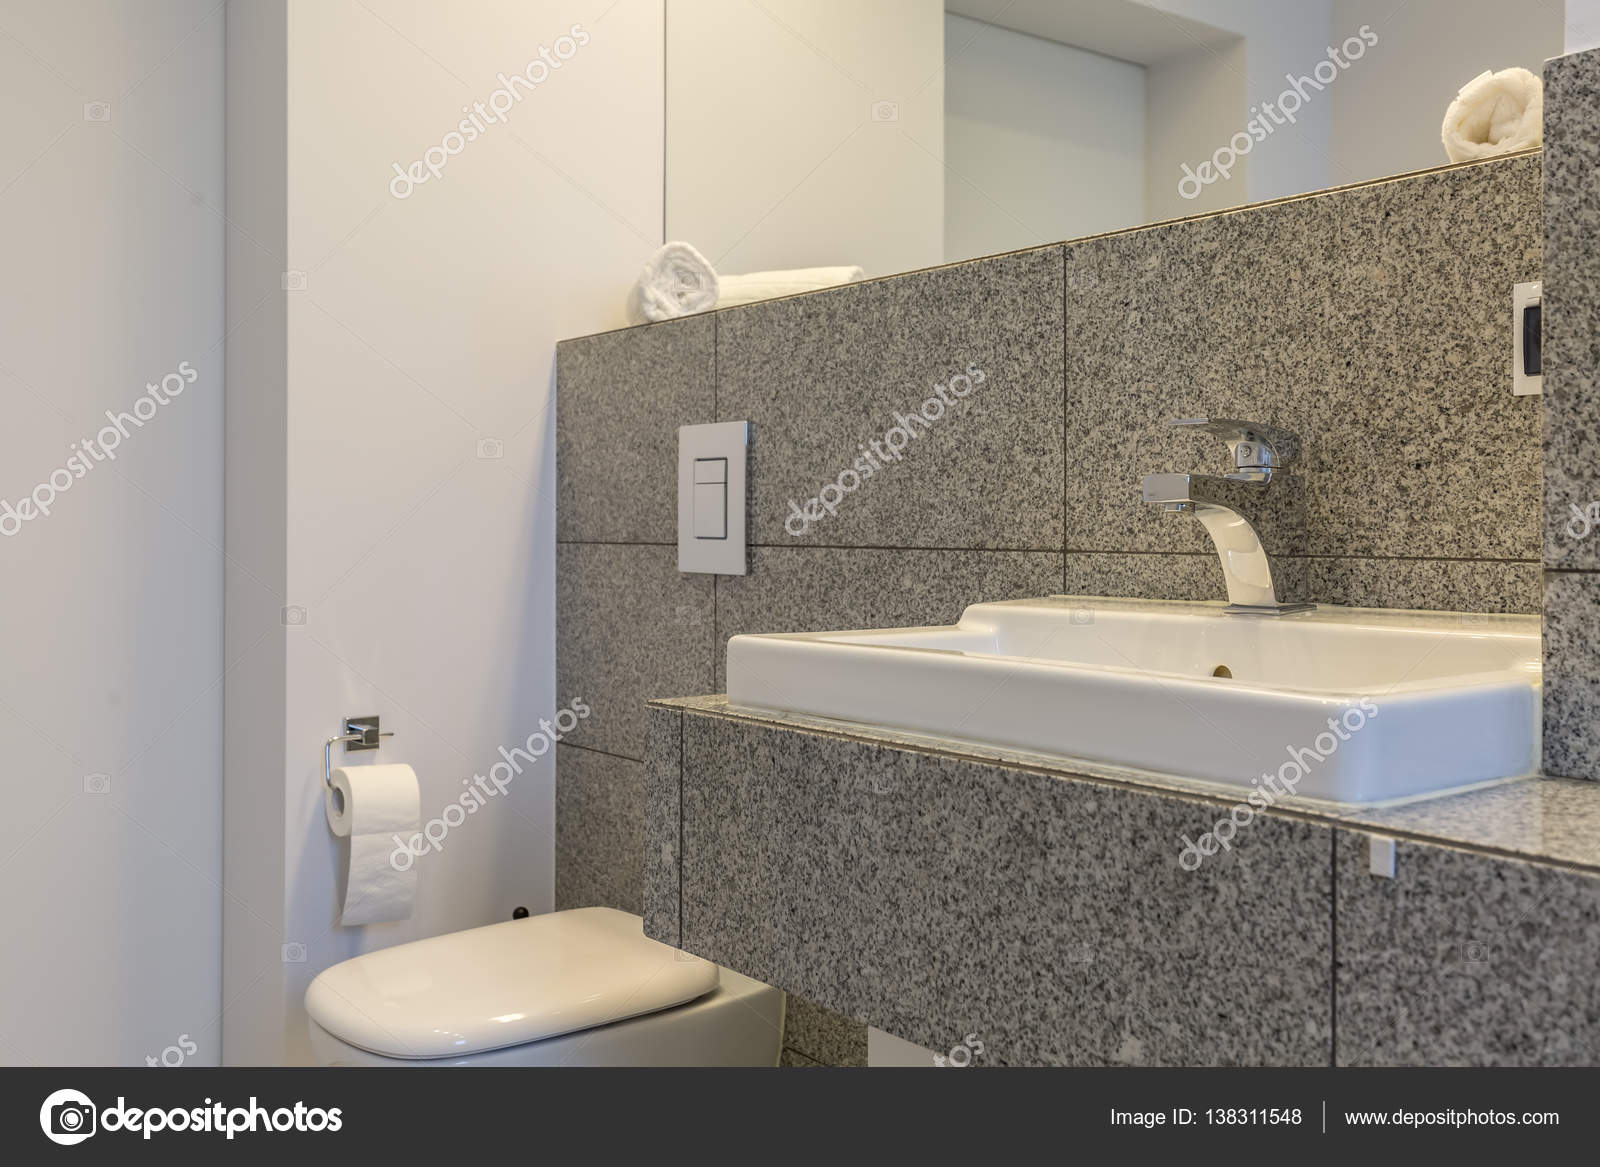 Graniet tegels in minimalistische badkamer — Stockfoto ...